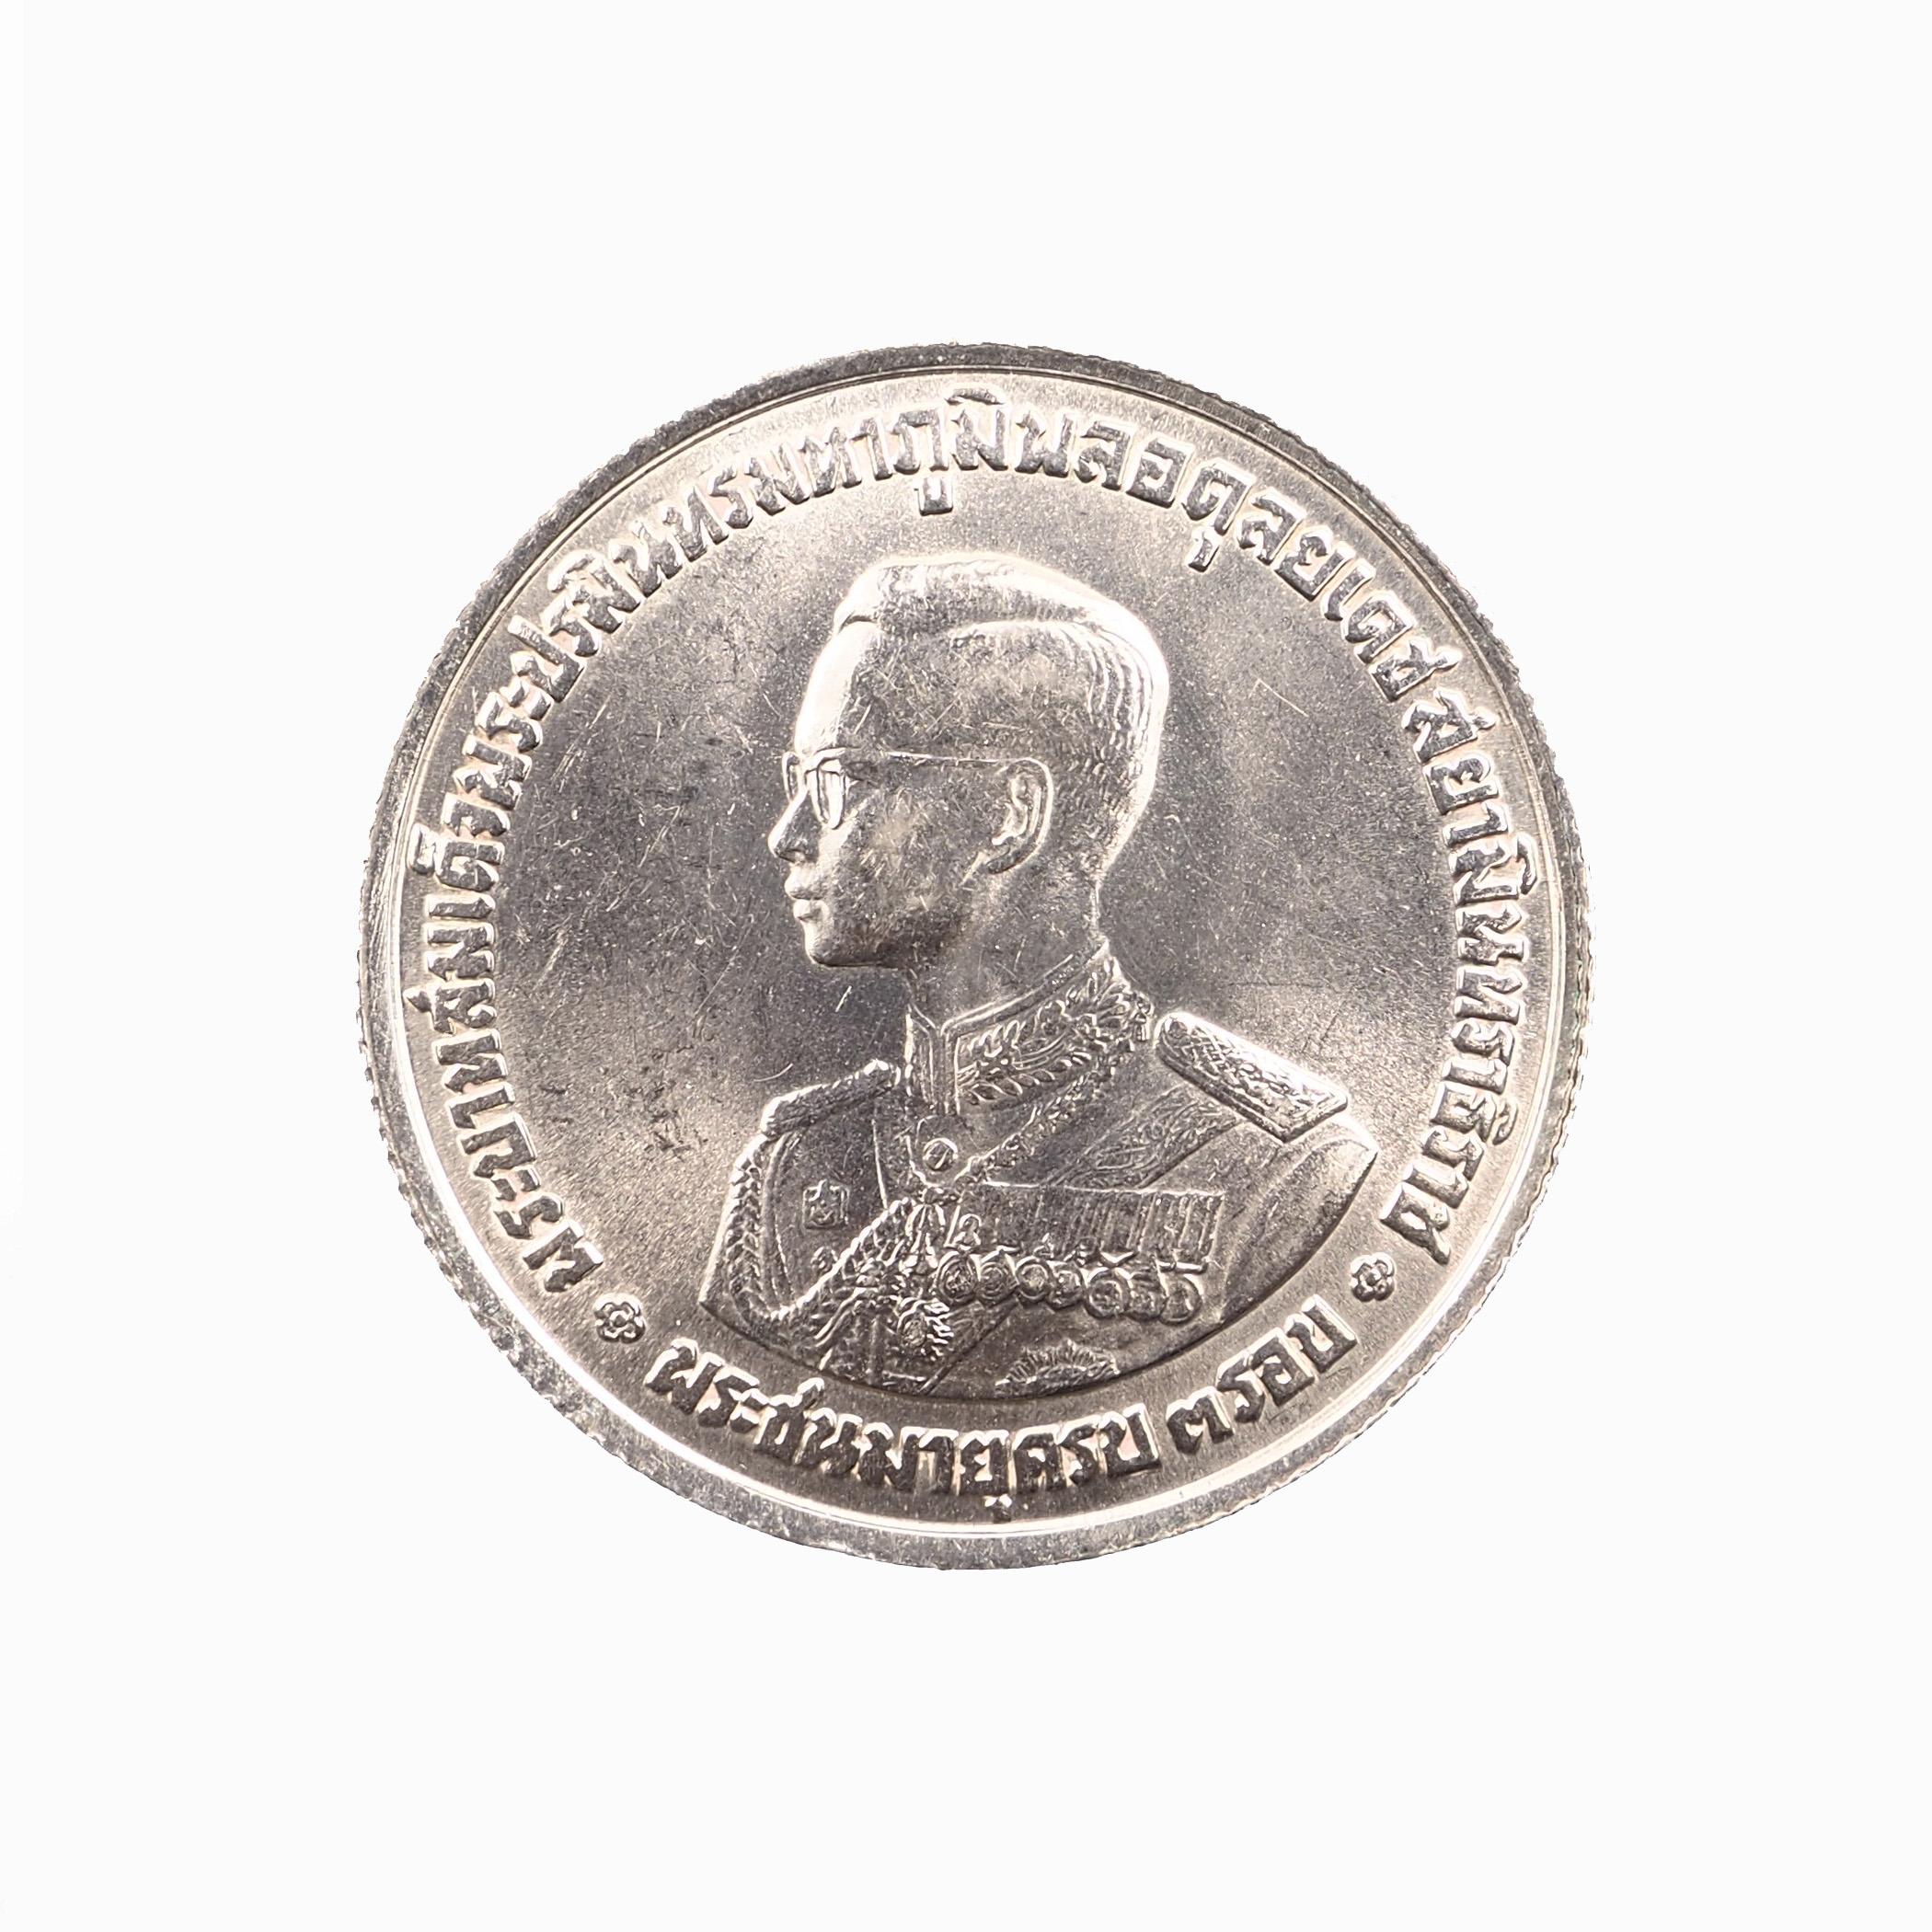 Thaïlande, 20 Baht 1963, 36eme anniversaire du Roi Rama IX, Argent, SPL